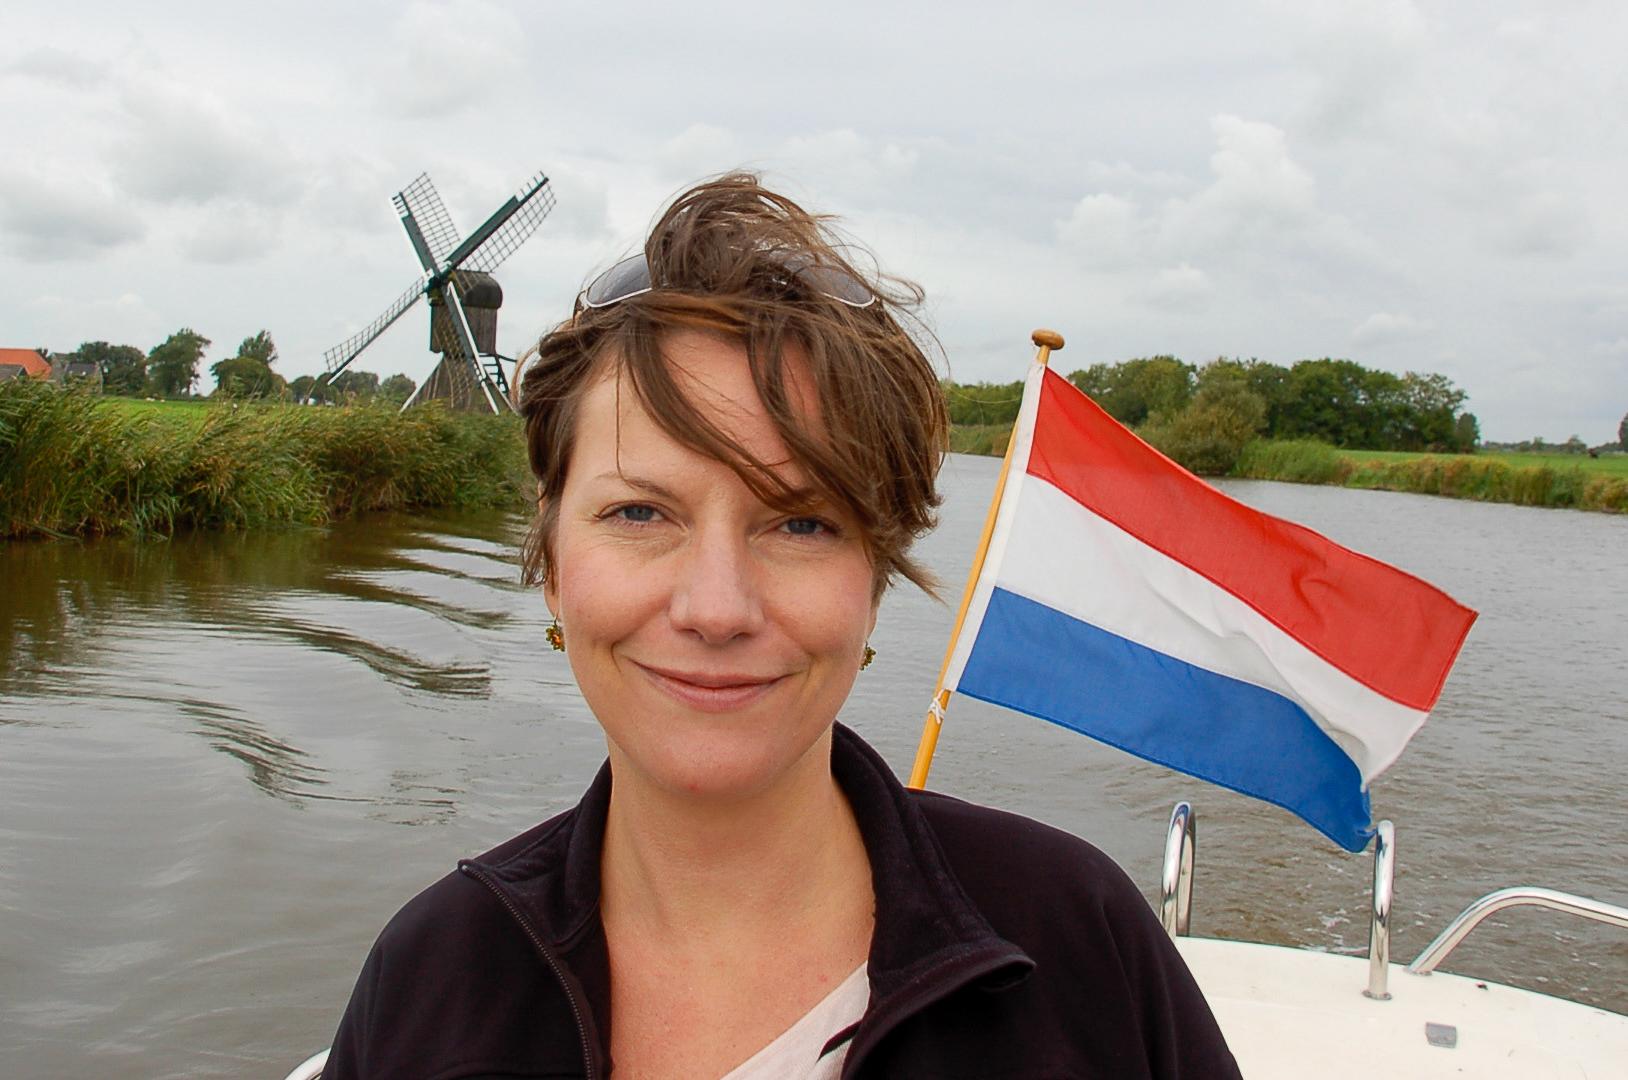 Kapitänin Alexandra mit Windmühle und Holland-Flagge